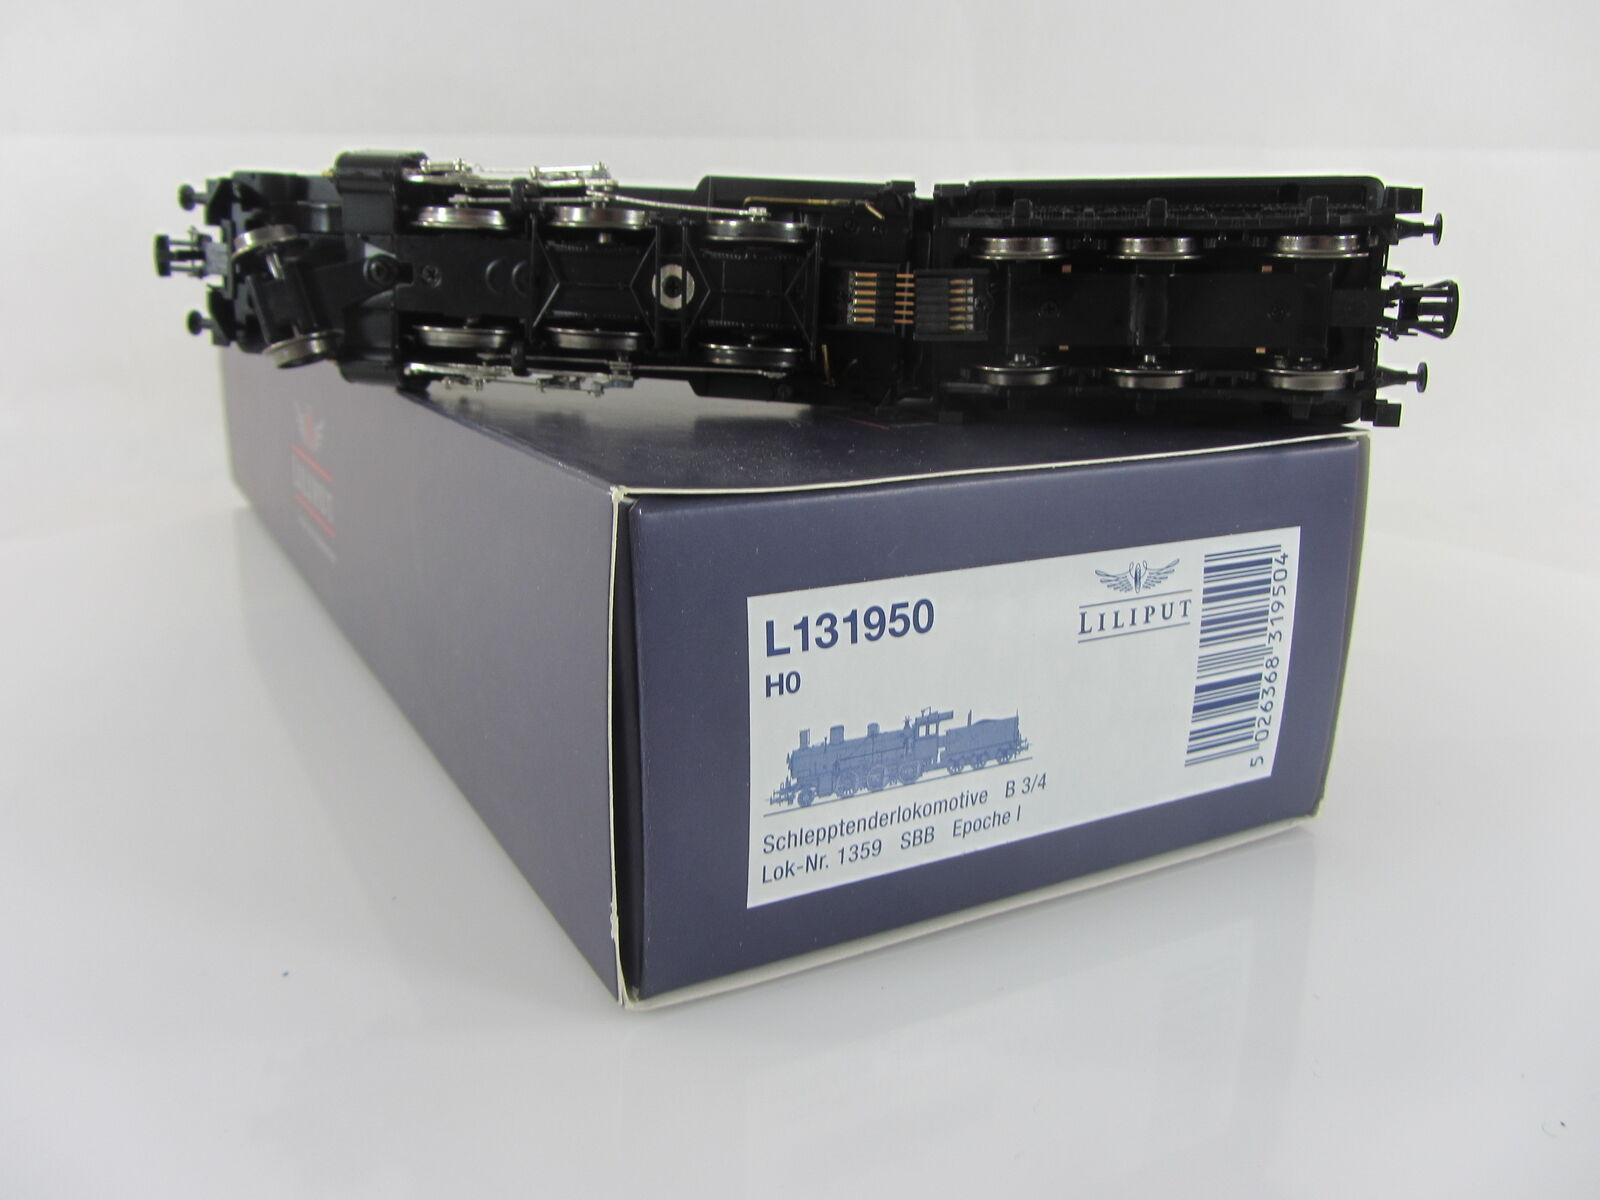 Liliput l131950 l131950 l131950 VAPORE B 3/4 1359 delle SBB, come nuovo e con imballo originale 267b78